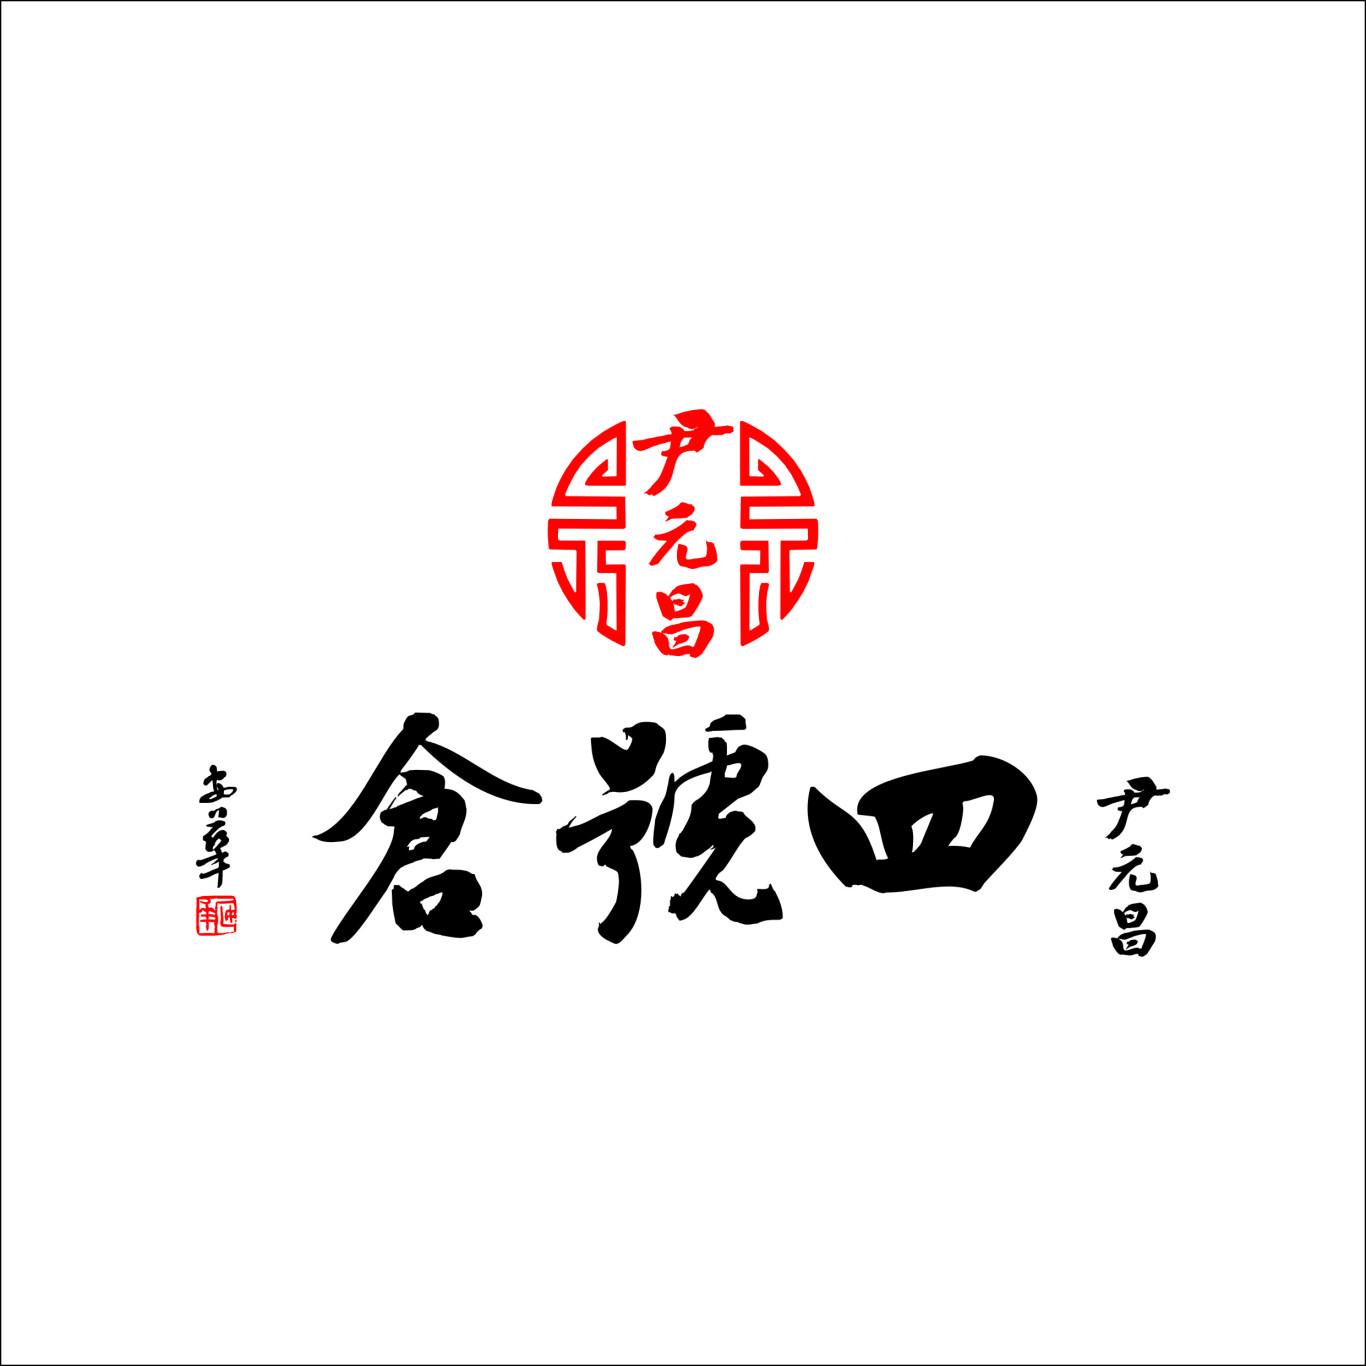 四号仓logo设计图0